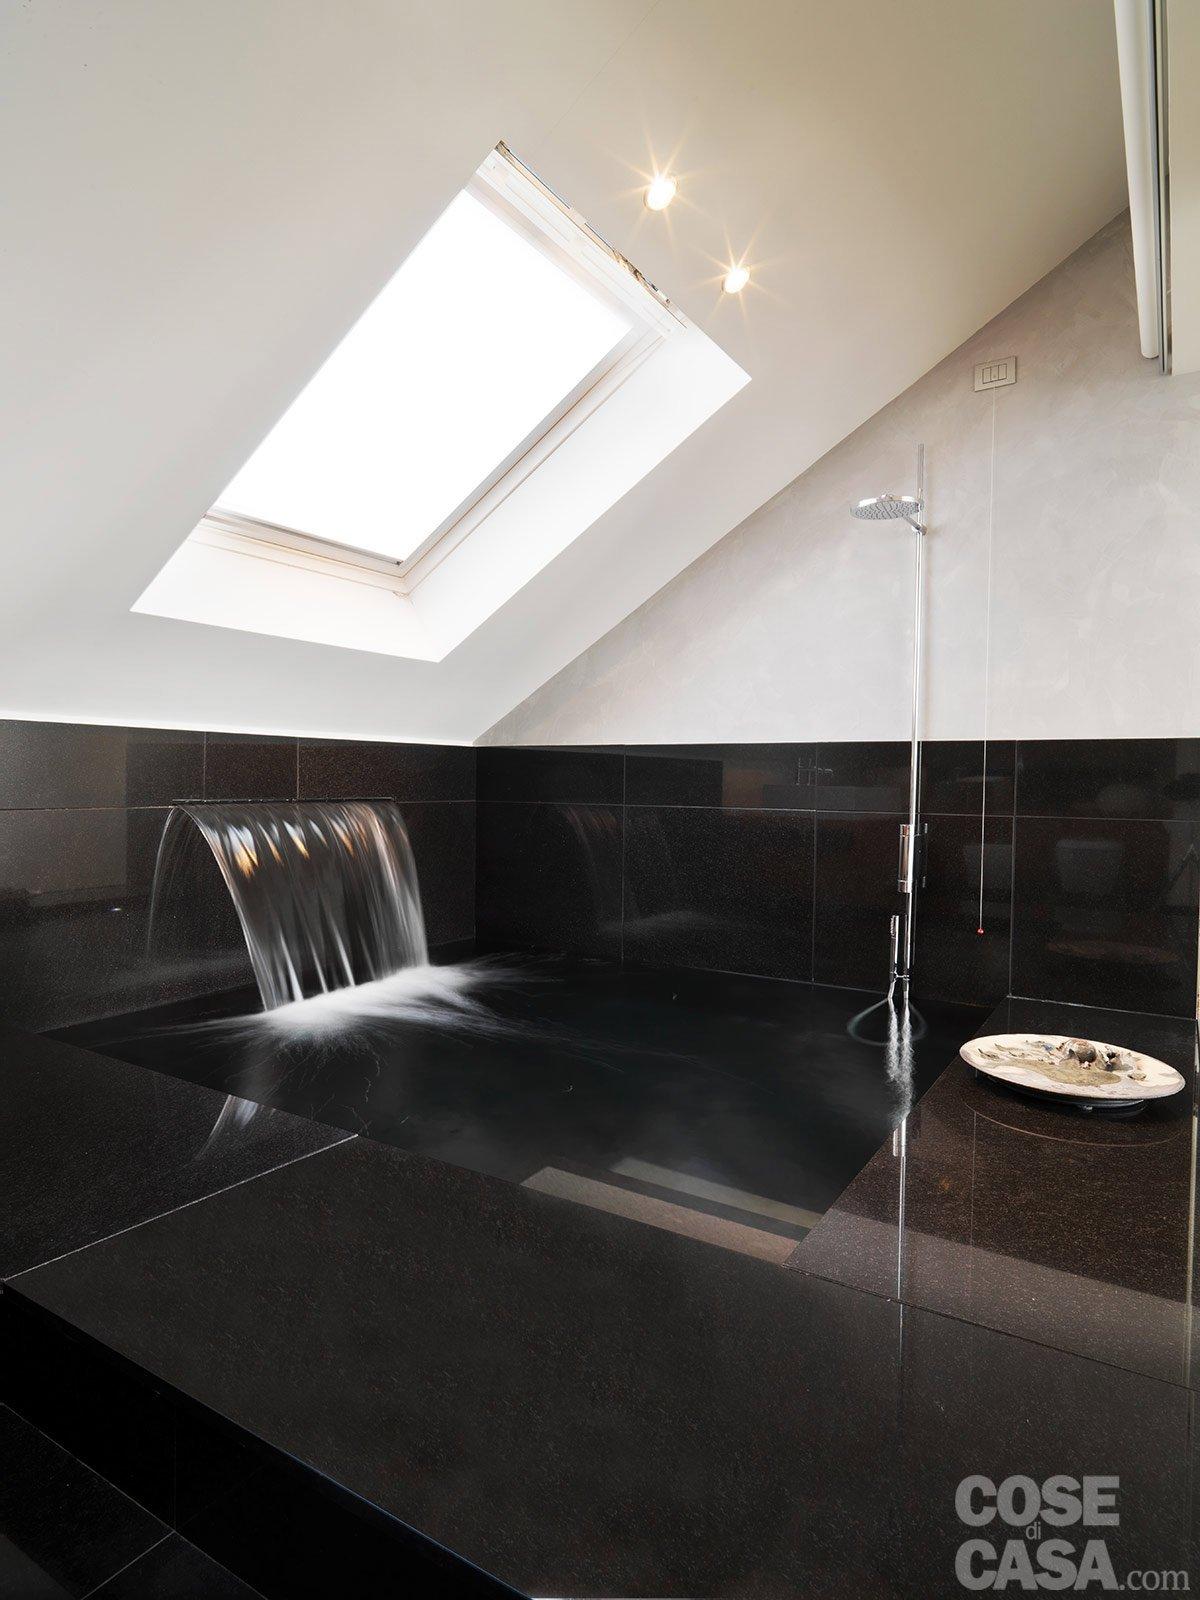 Casa soluzioni hi tech per interni anni 39 30 cose di casa - Bagno sottotetto ...